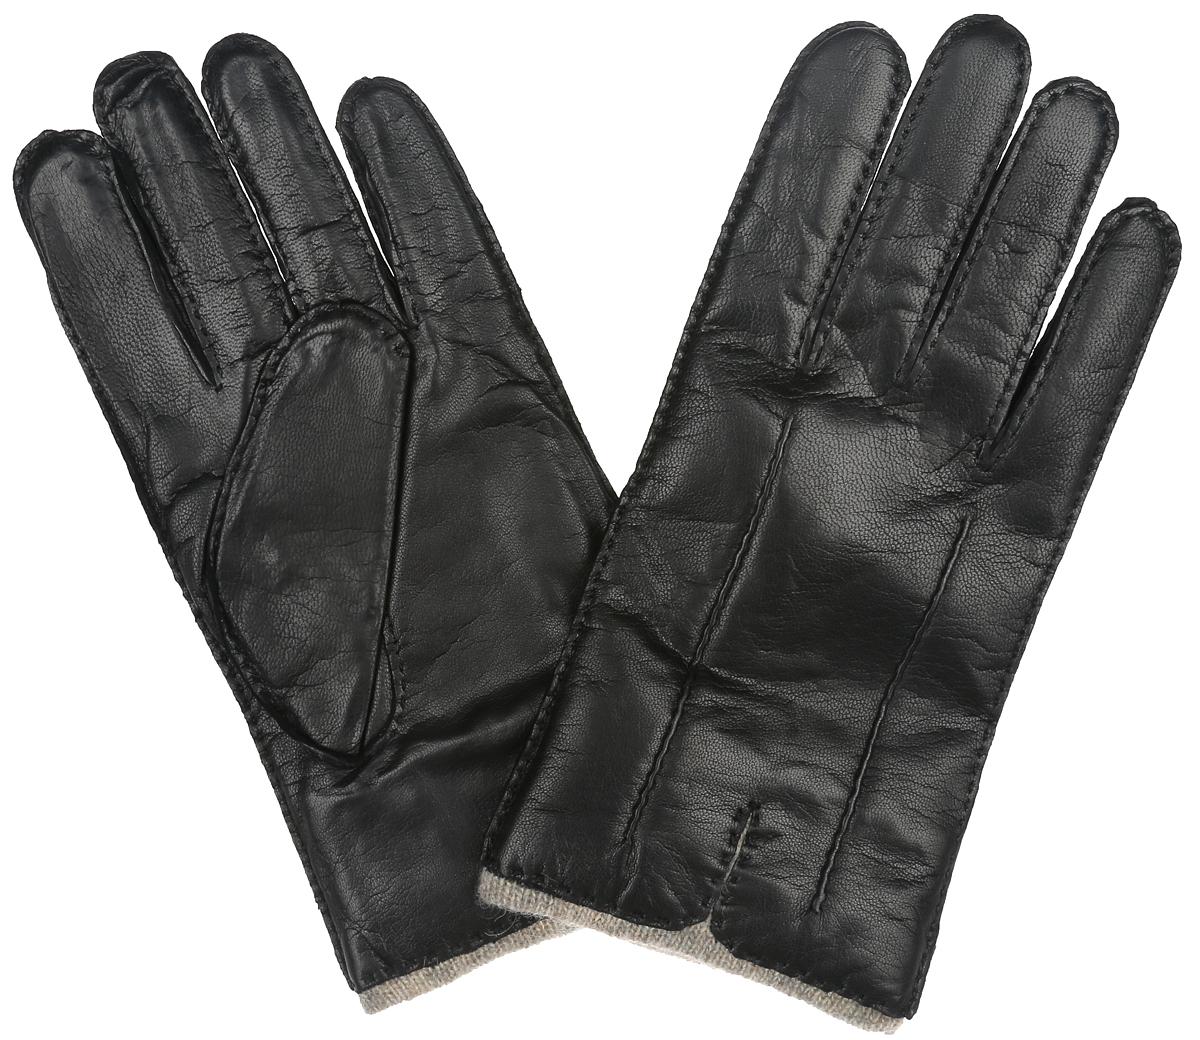 Перчатки мужские. LB-0013LB-0013Стильные мужские перчатки Labbra выполнены из чрезвычайно мягкой и приятной на ощупь натуральной кожи ягненка, а их подкладка - из натуральной шерсти с добавлением акрила. Модель декорирована оригинальной прострочкой в тон изделия. В настоящее время перчатки являются неотъемлемой принадлежностью одежды. Перчатки станут завершающим и подчеркивающим элементом вашего стиля и неповторимости.